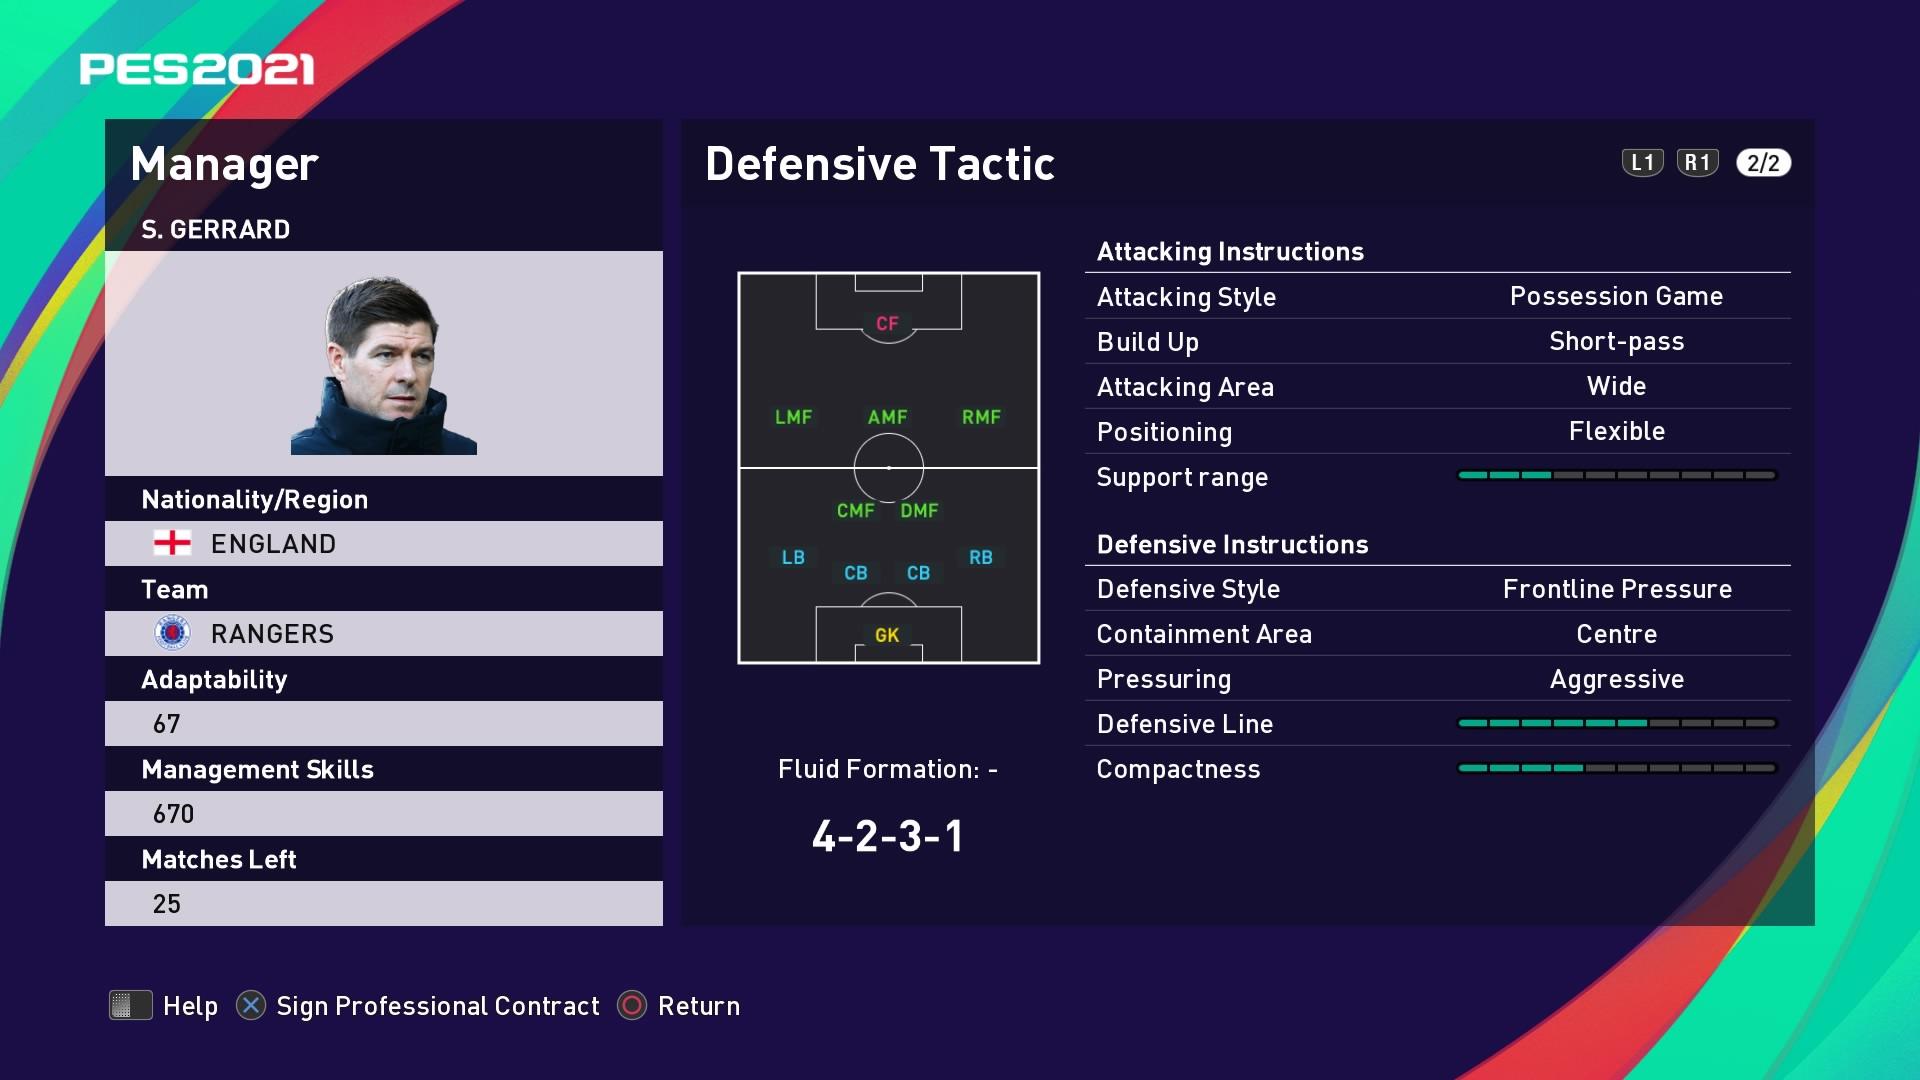 S. Gerrard (Steven Gerrard) Defensive Tactic in PES 2021 myClub